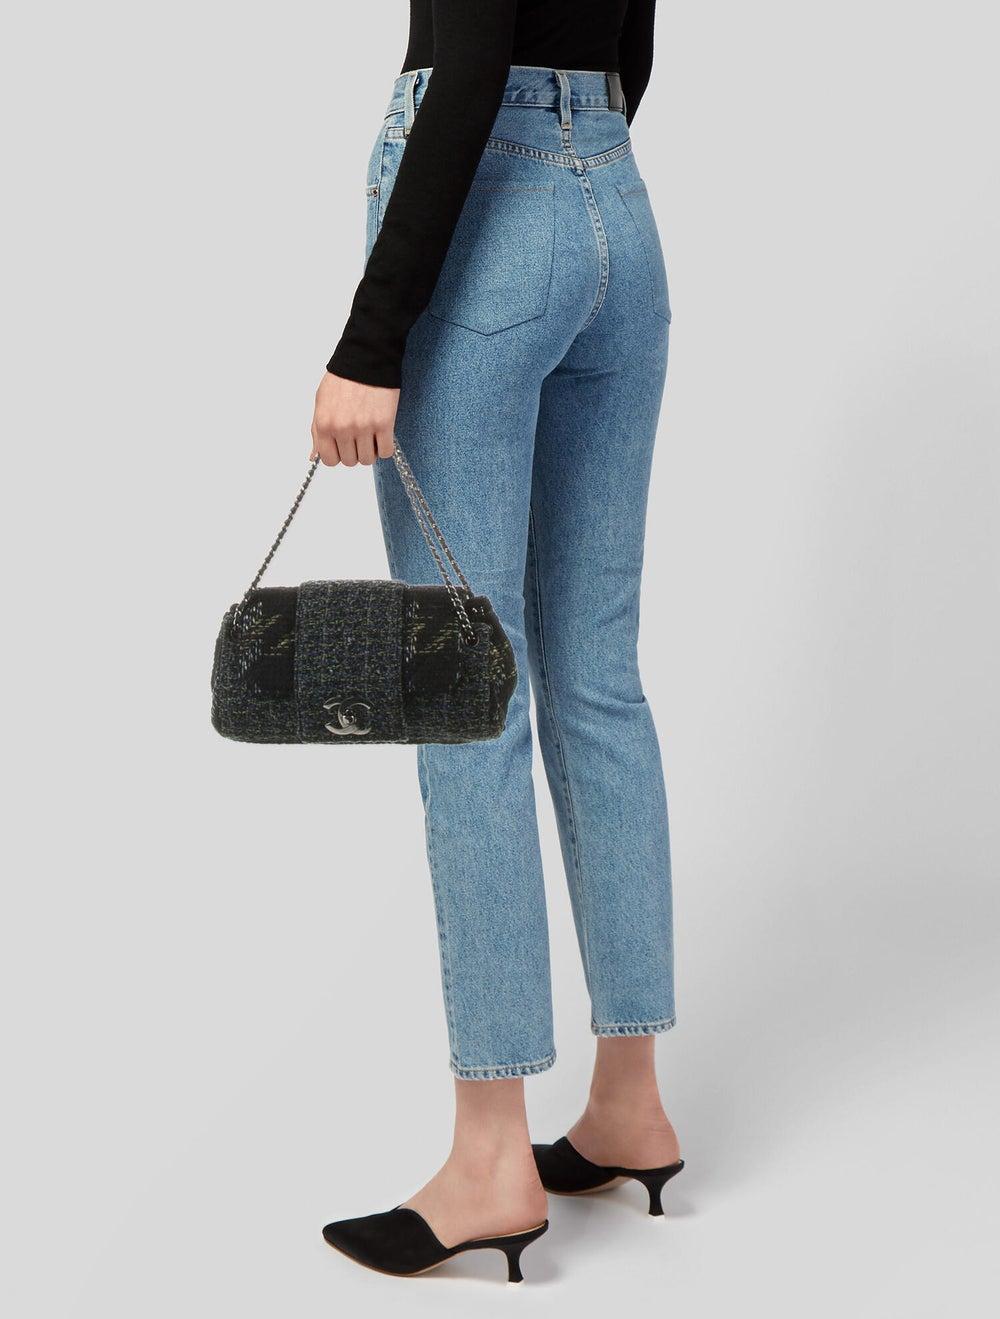 Chanel Tweed Flap Bag Black - image 2